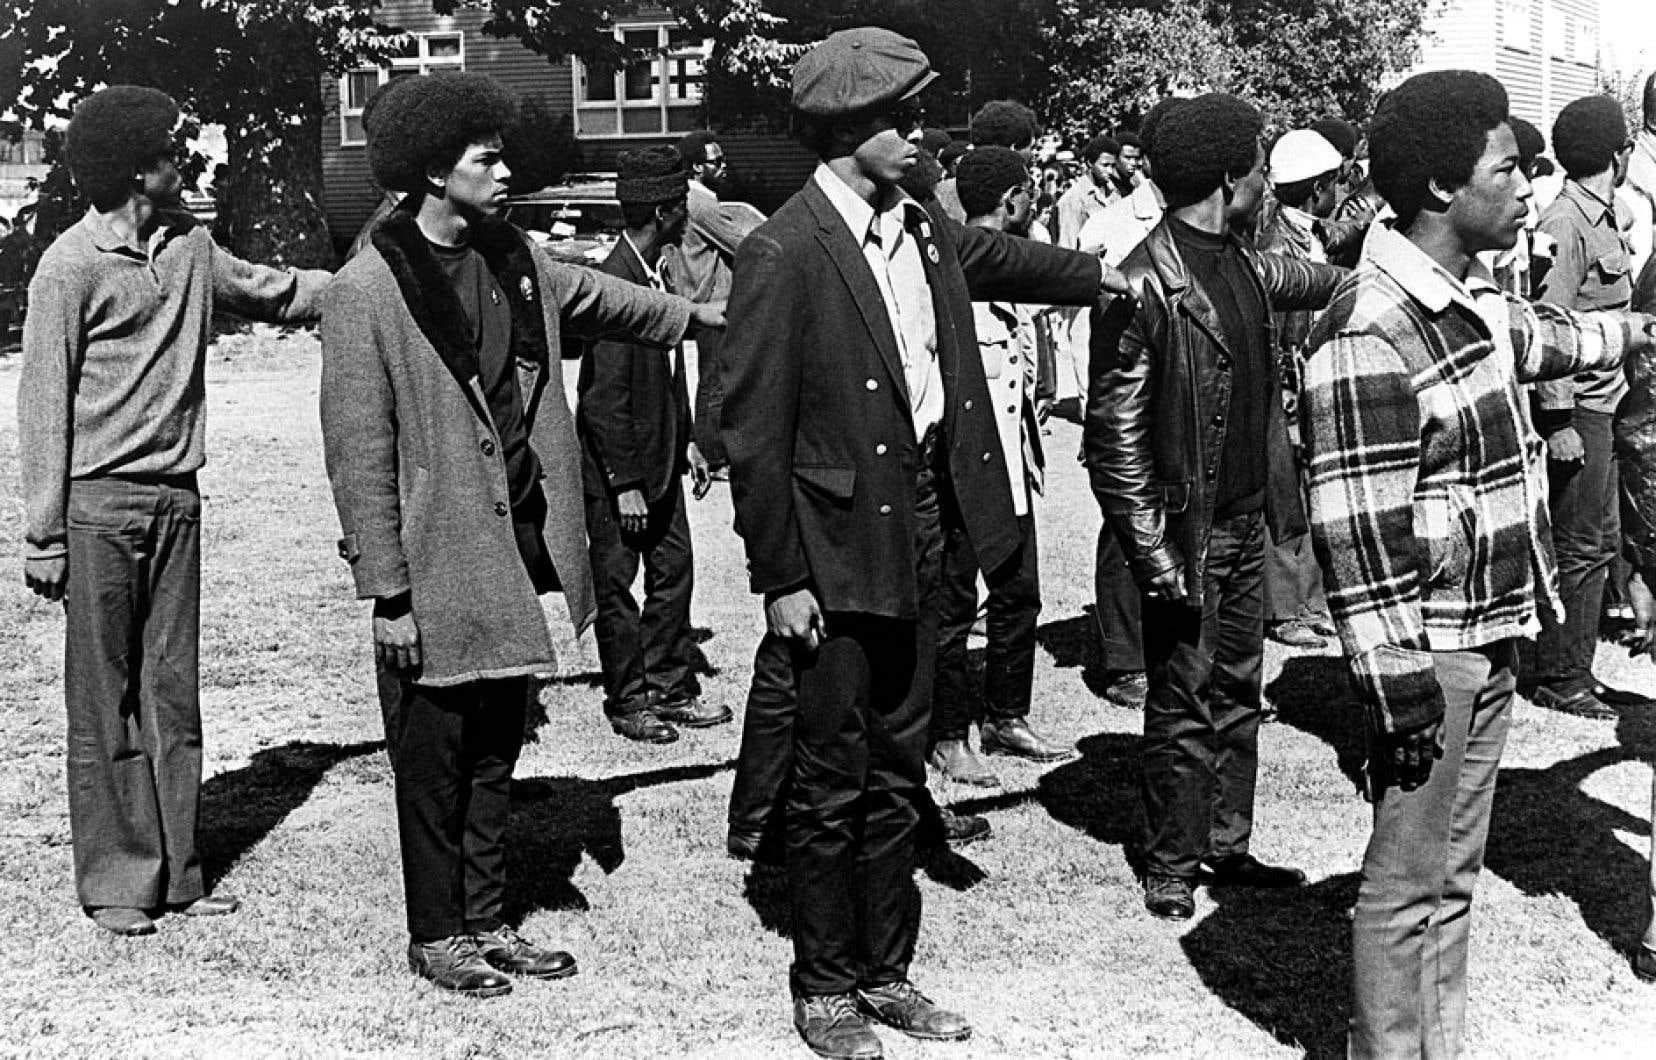 Dans les années 1960, le mouvement révolutionnaire afro-américain des Black Panthers était considéré comme «la menace interne numéro un», rappelle le réalisateur Ron Harpelle.